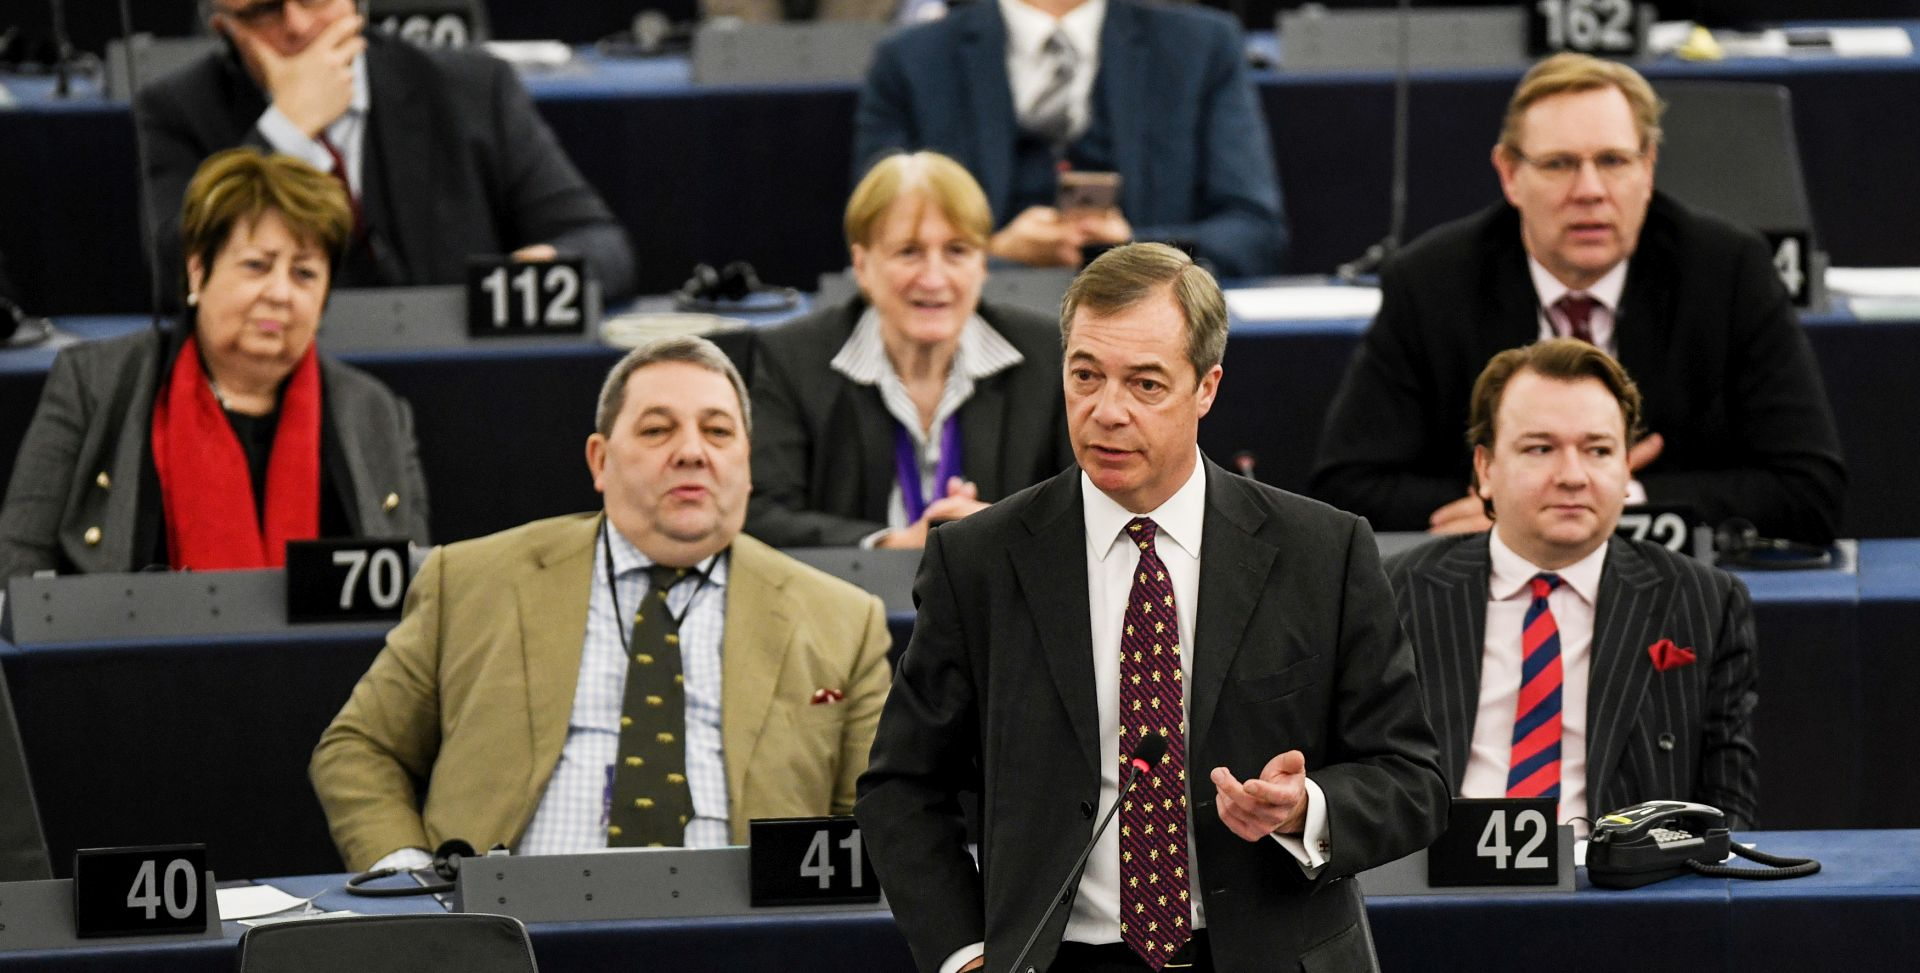 Burna rasprava o Brexitu u Europskom parlamentu